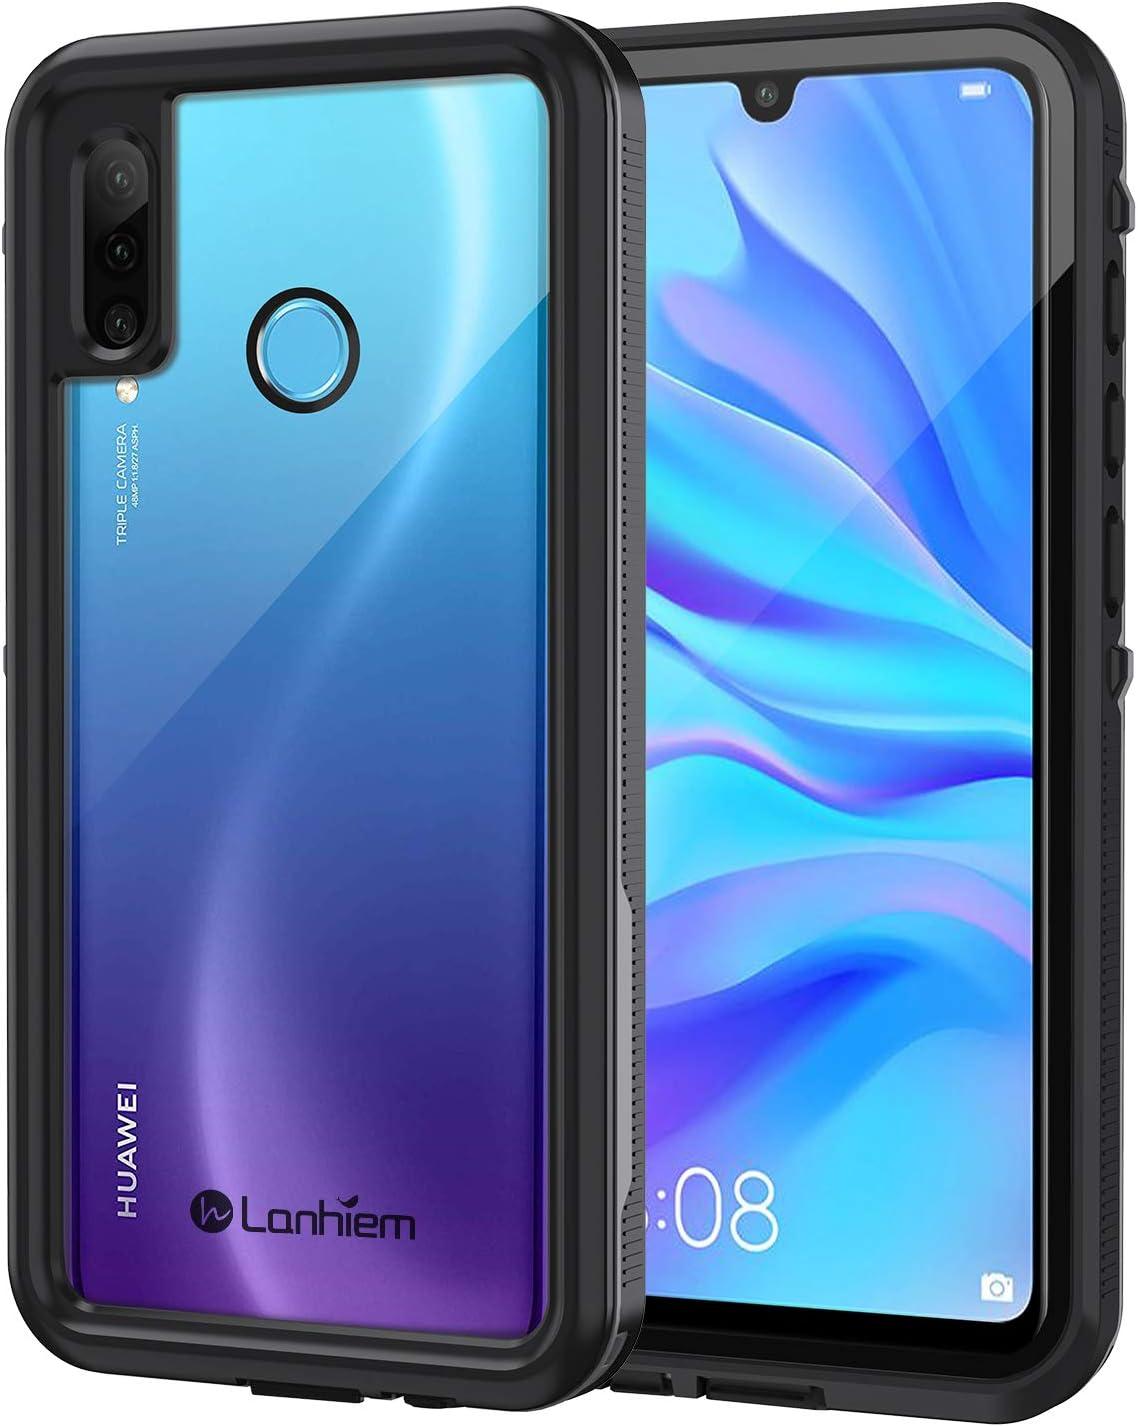 Lanhiem Funda Impermeable Huawei P30 Lite, Carcasa Resistente Al Agua IP68 Certificado [Protección de 360 Grados], Carcasa para Huawei P30 Lite con